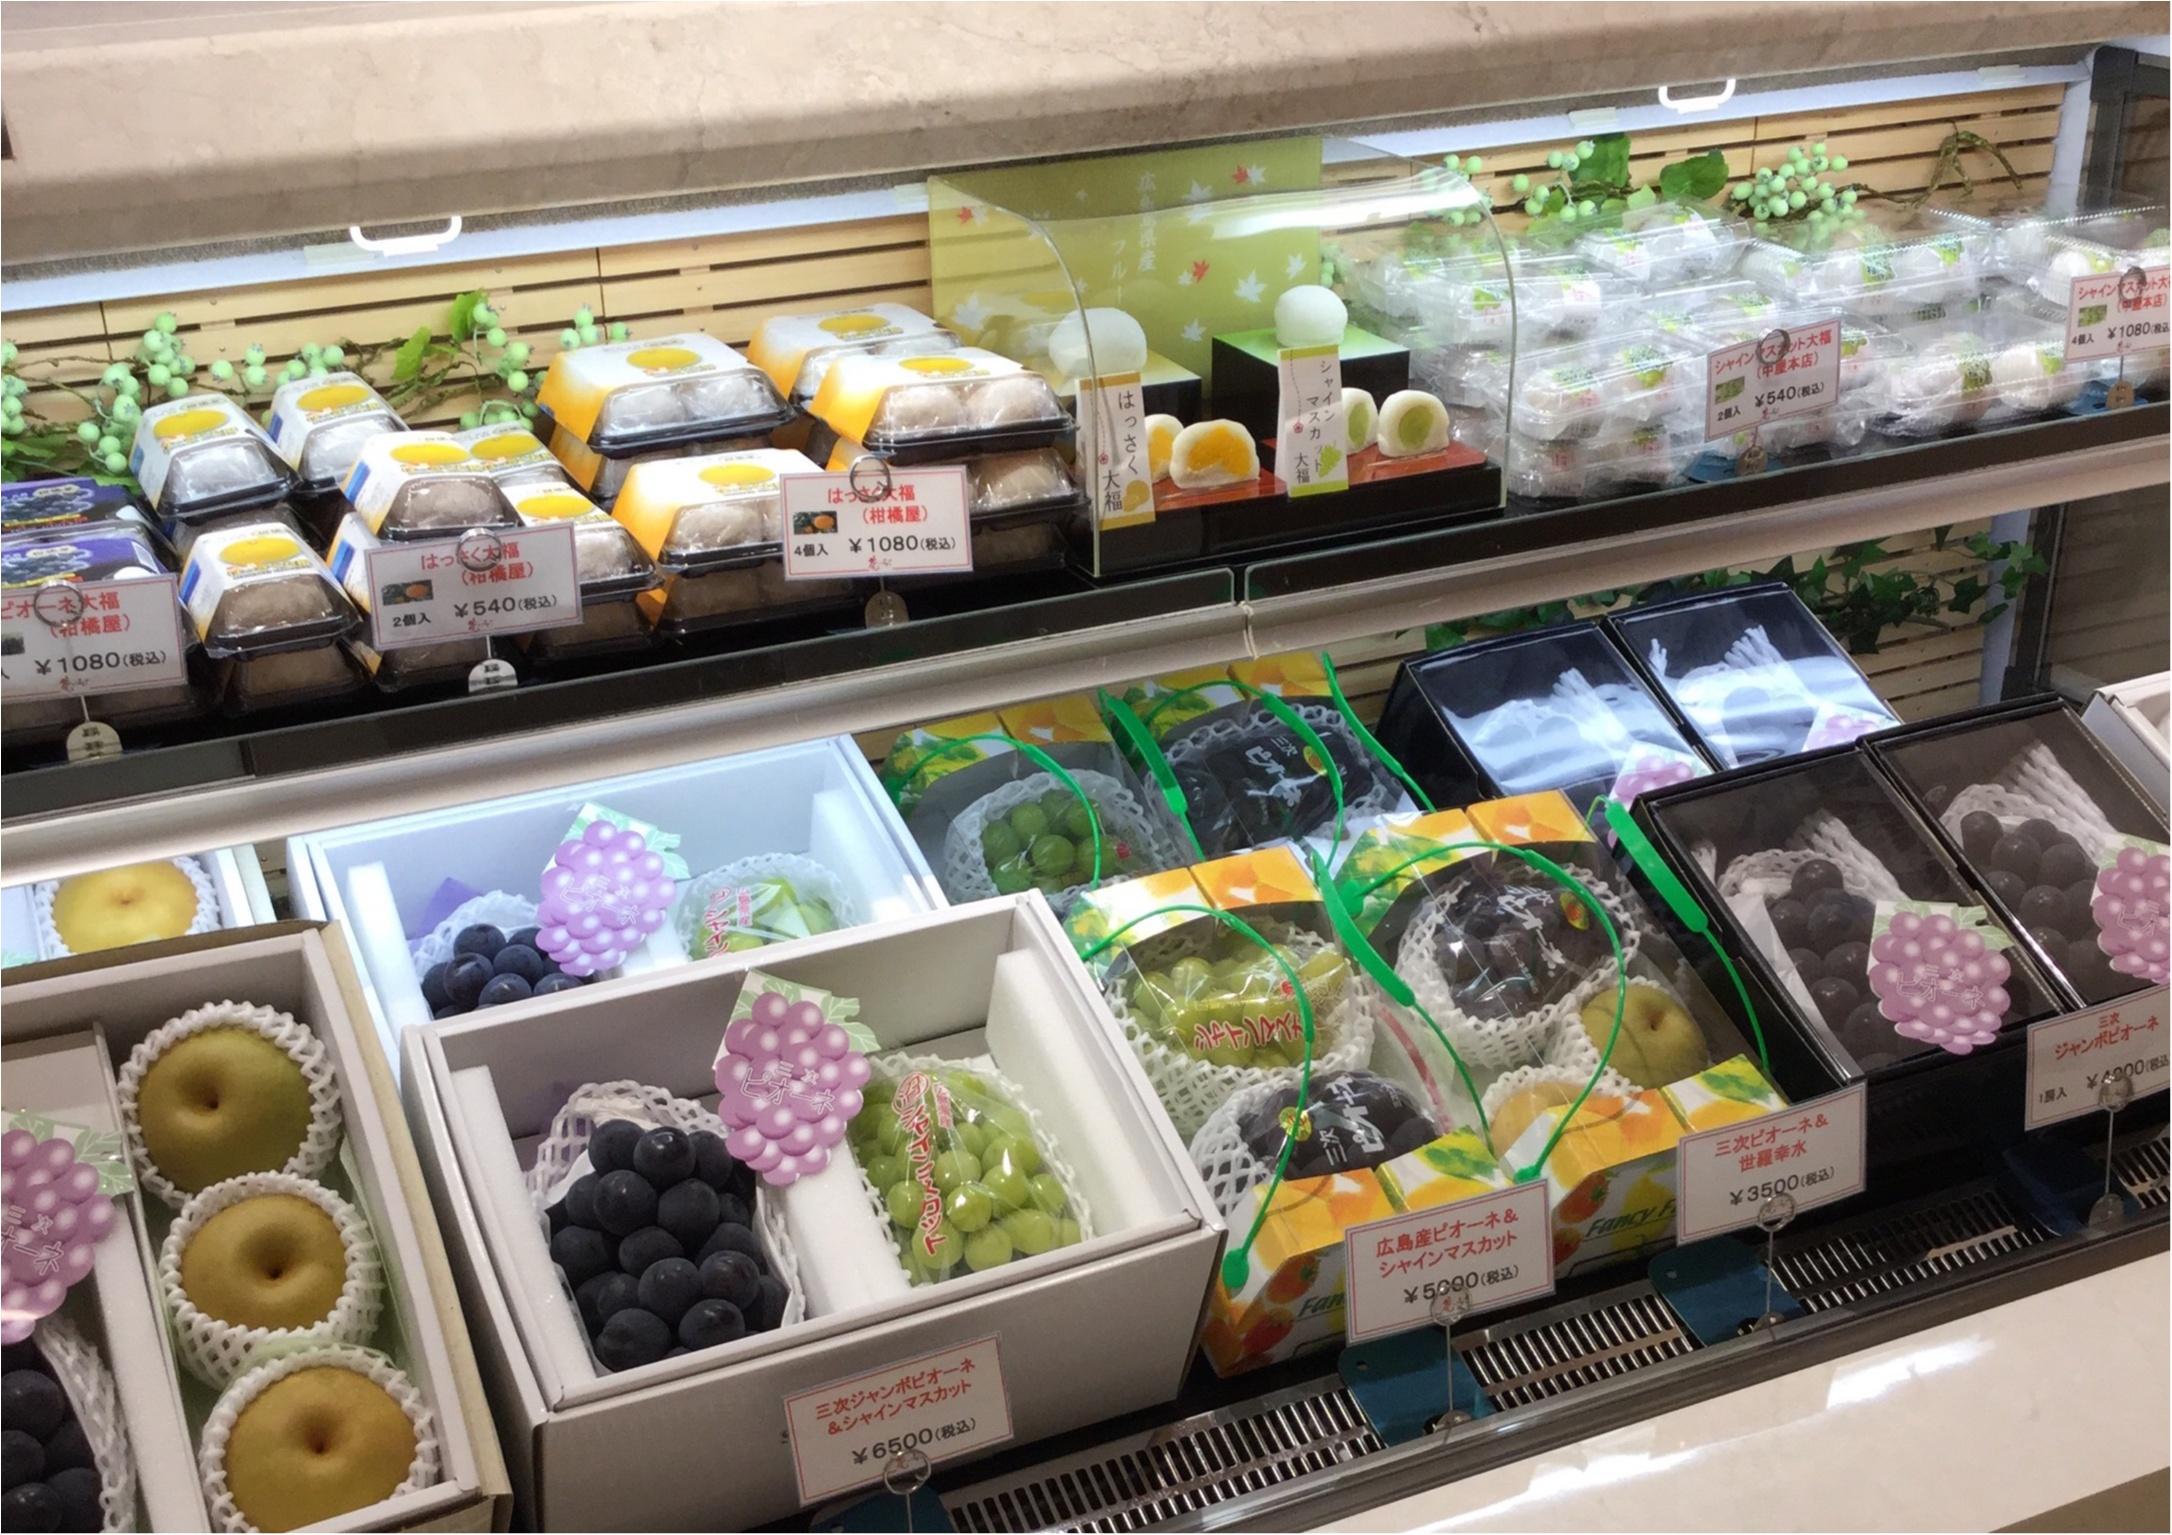 広島のおしゃれなお土産特集《2019年》- 人気の定番土産から話題のチョコ、スタバの限定タンブラーも!_56